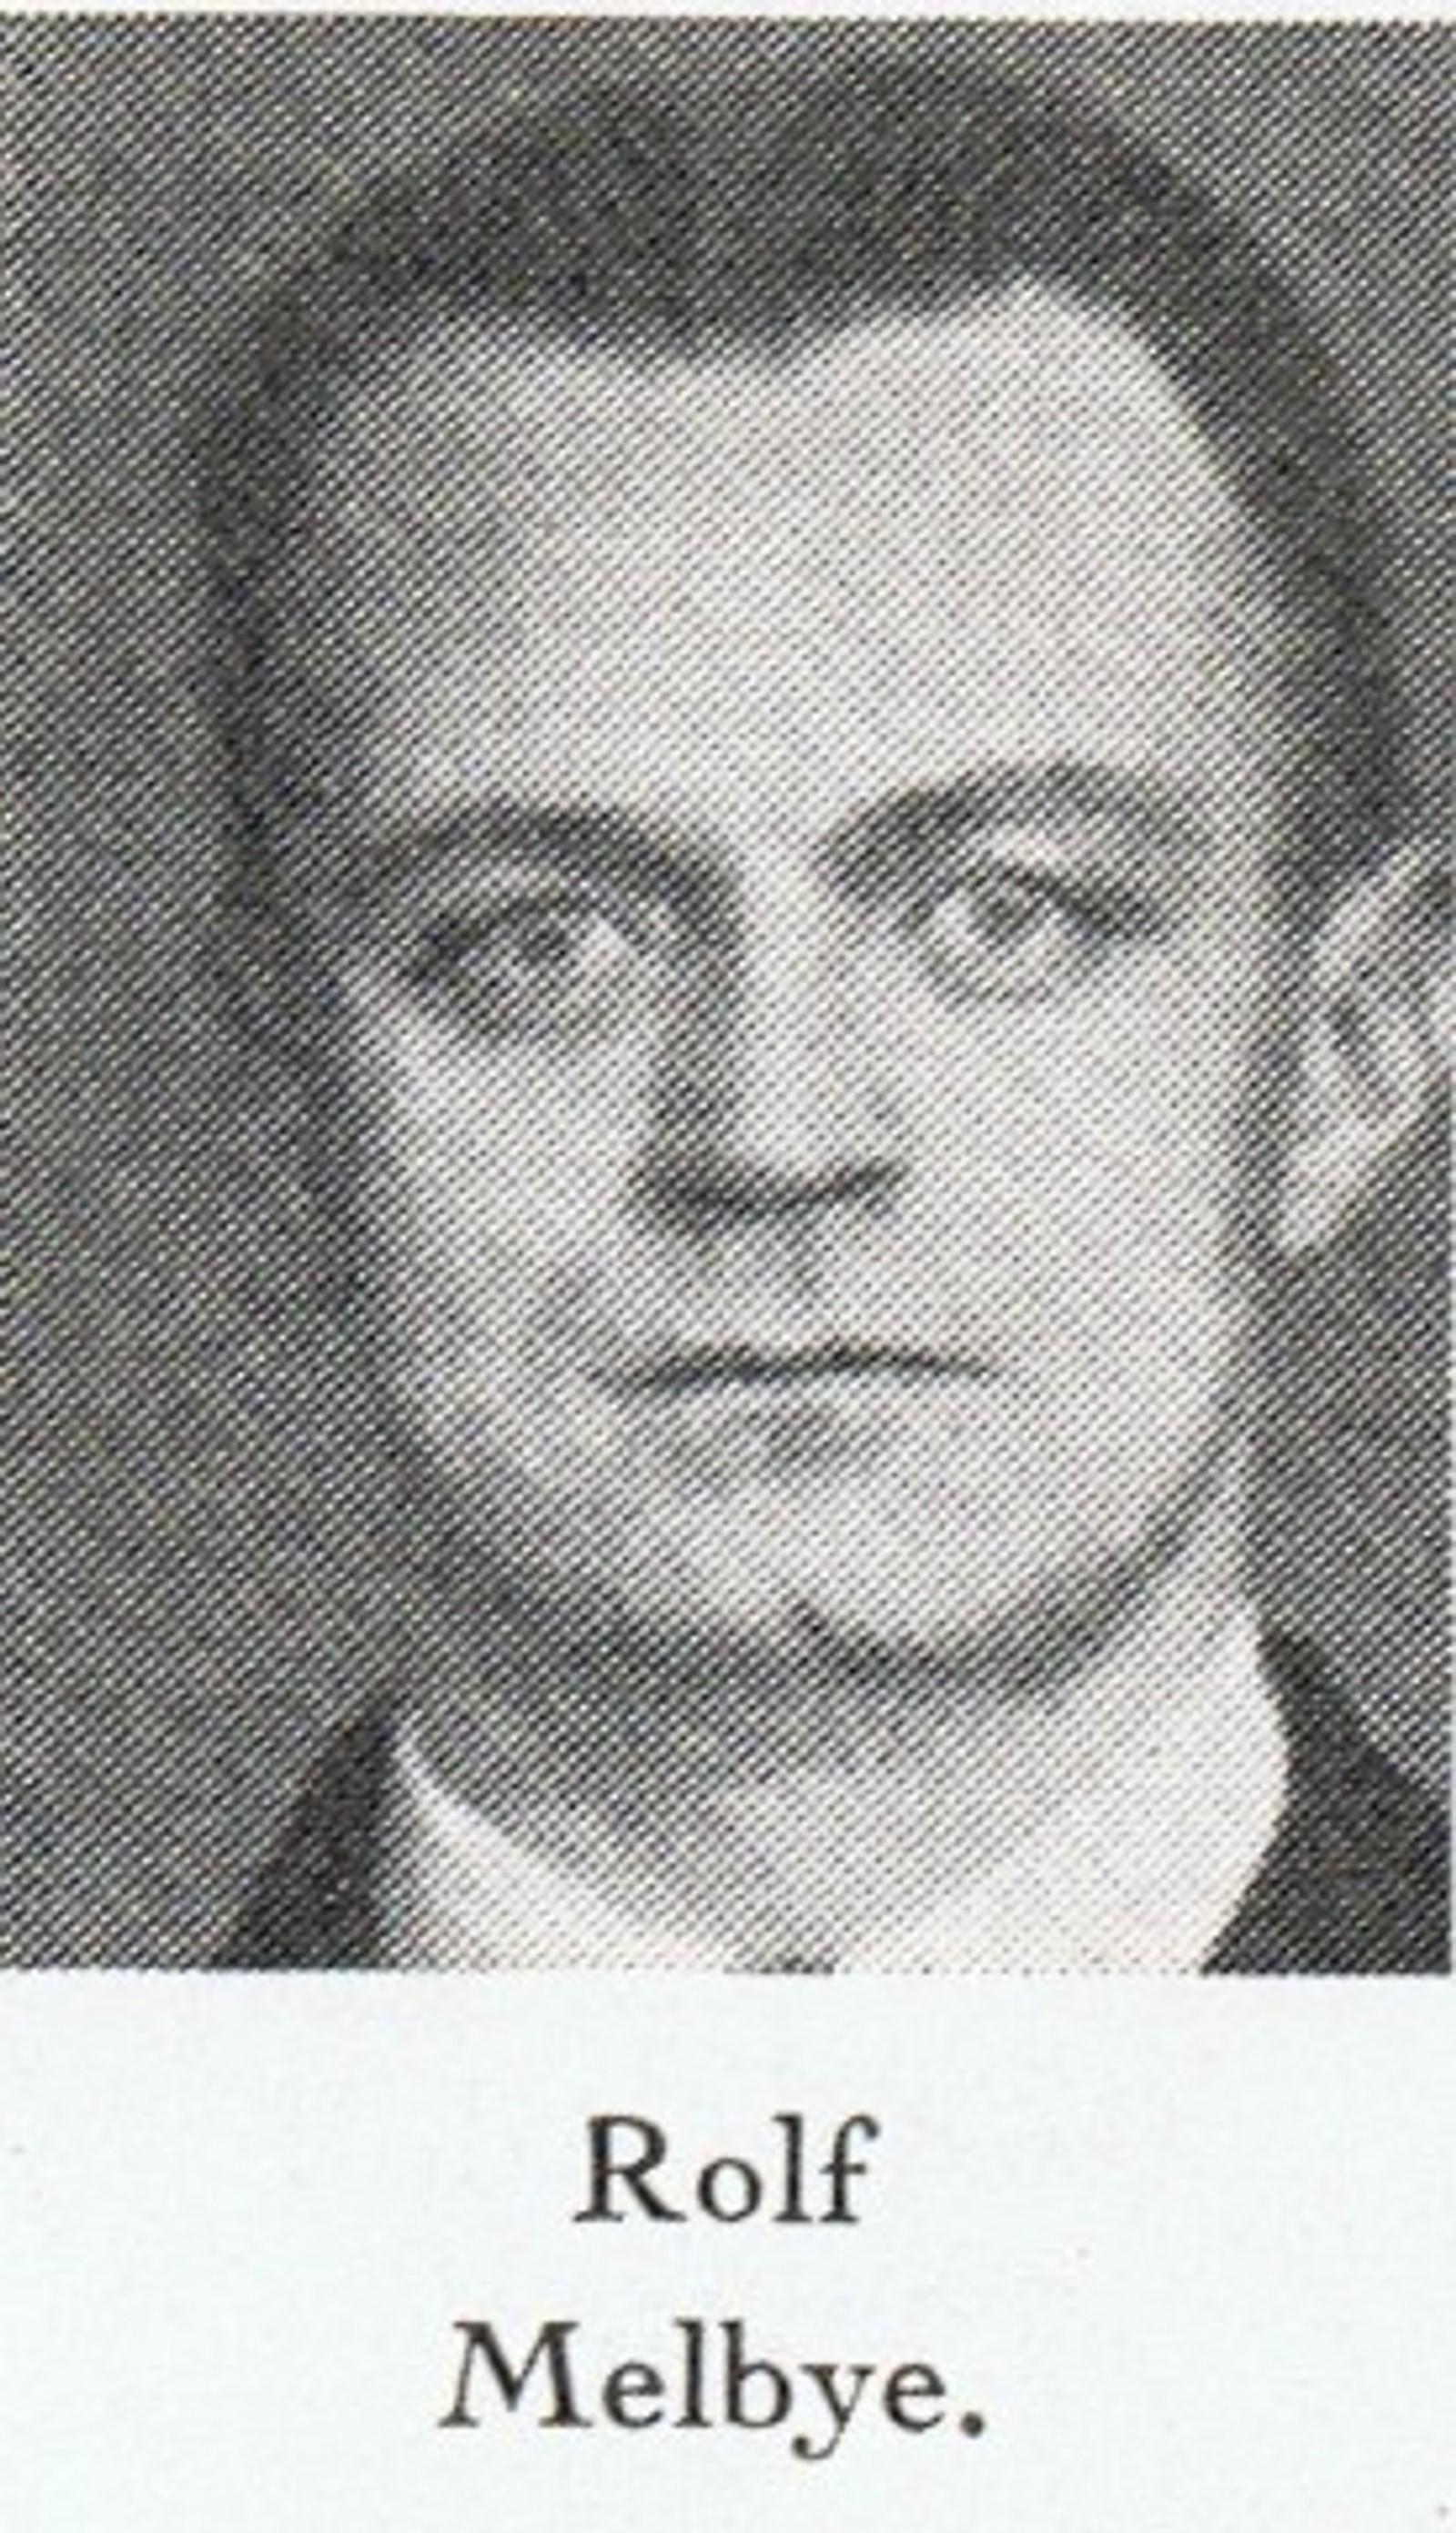 Rolf Melby: Baker, bodde på Nor i Elverum. Ble drept ved Dammen 11. april 1940 av en bombesplint.